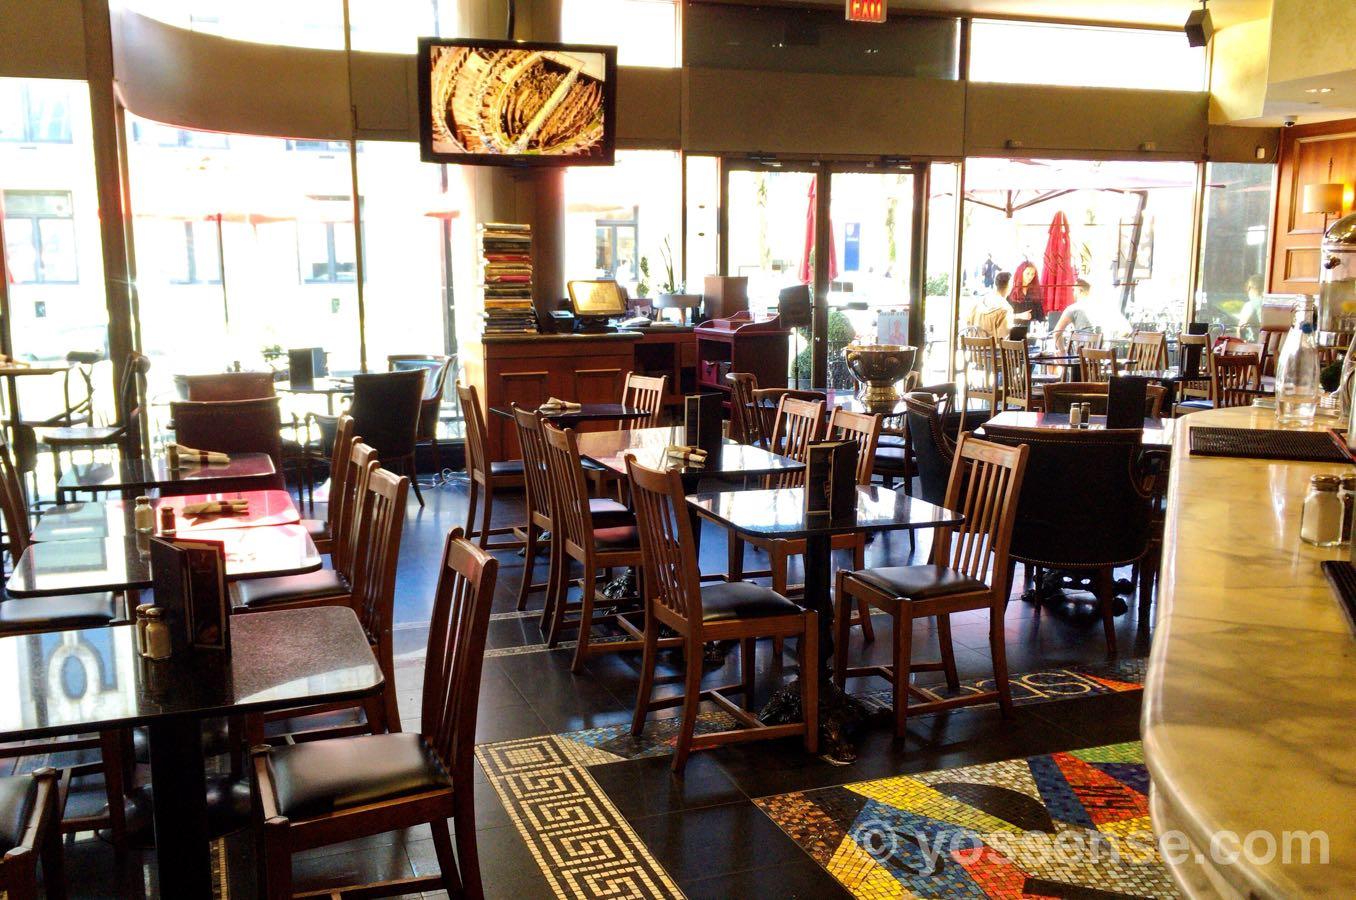 Bellaggio Cafeのアンティークな雰囲気がすてき